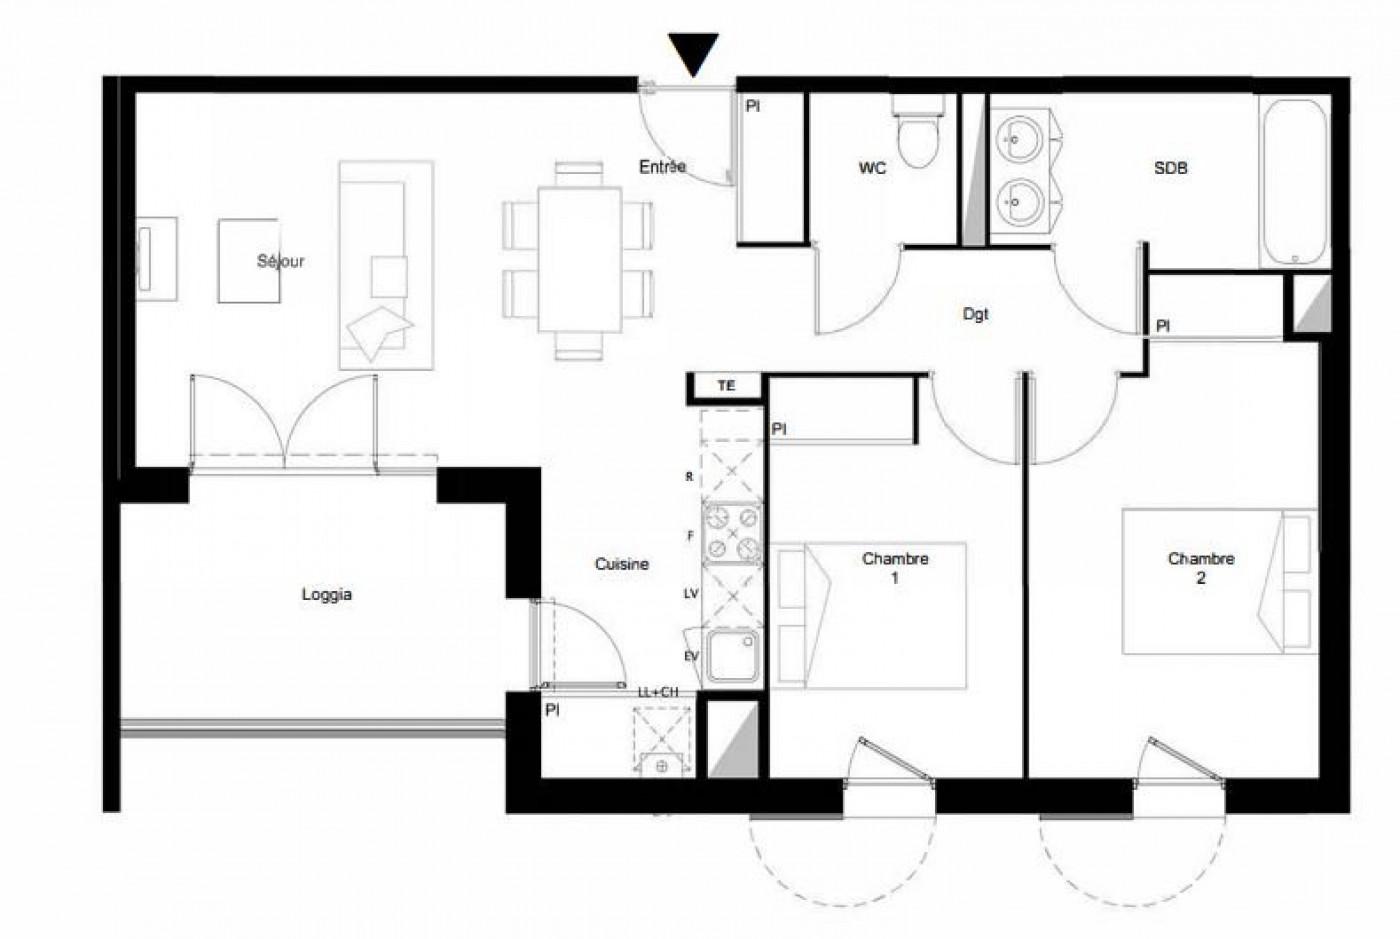 A vendre Castanet-tolosan 31164804 Athena immobilier